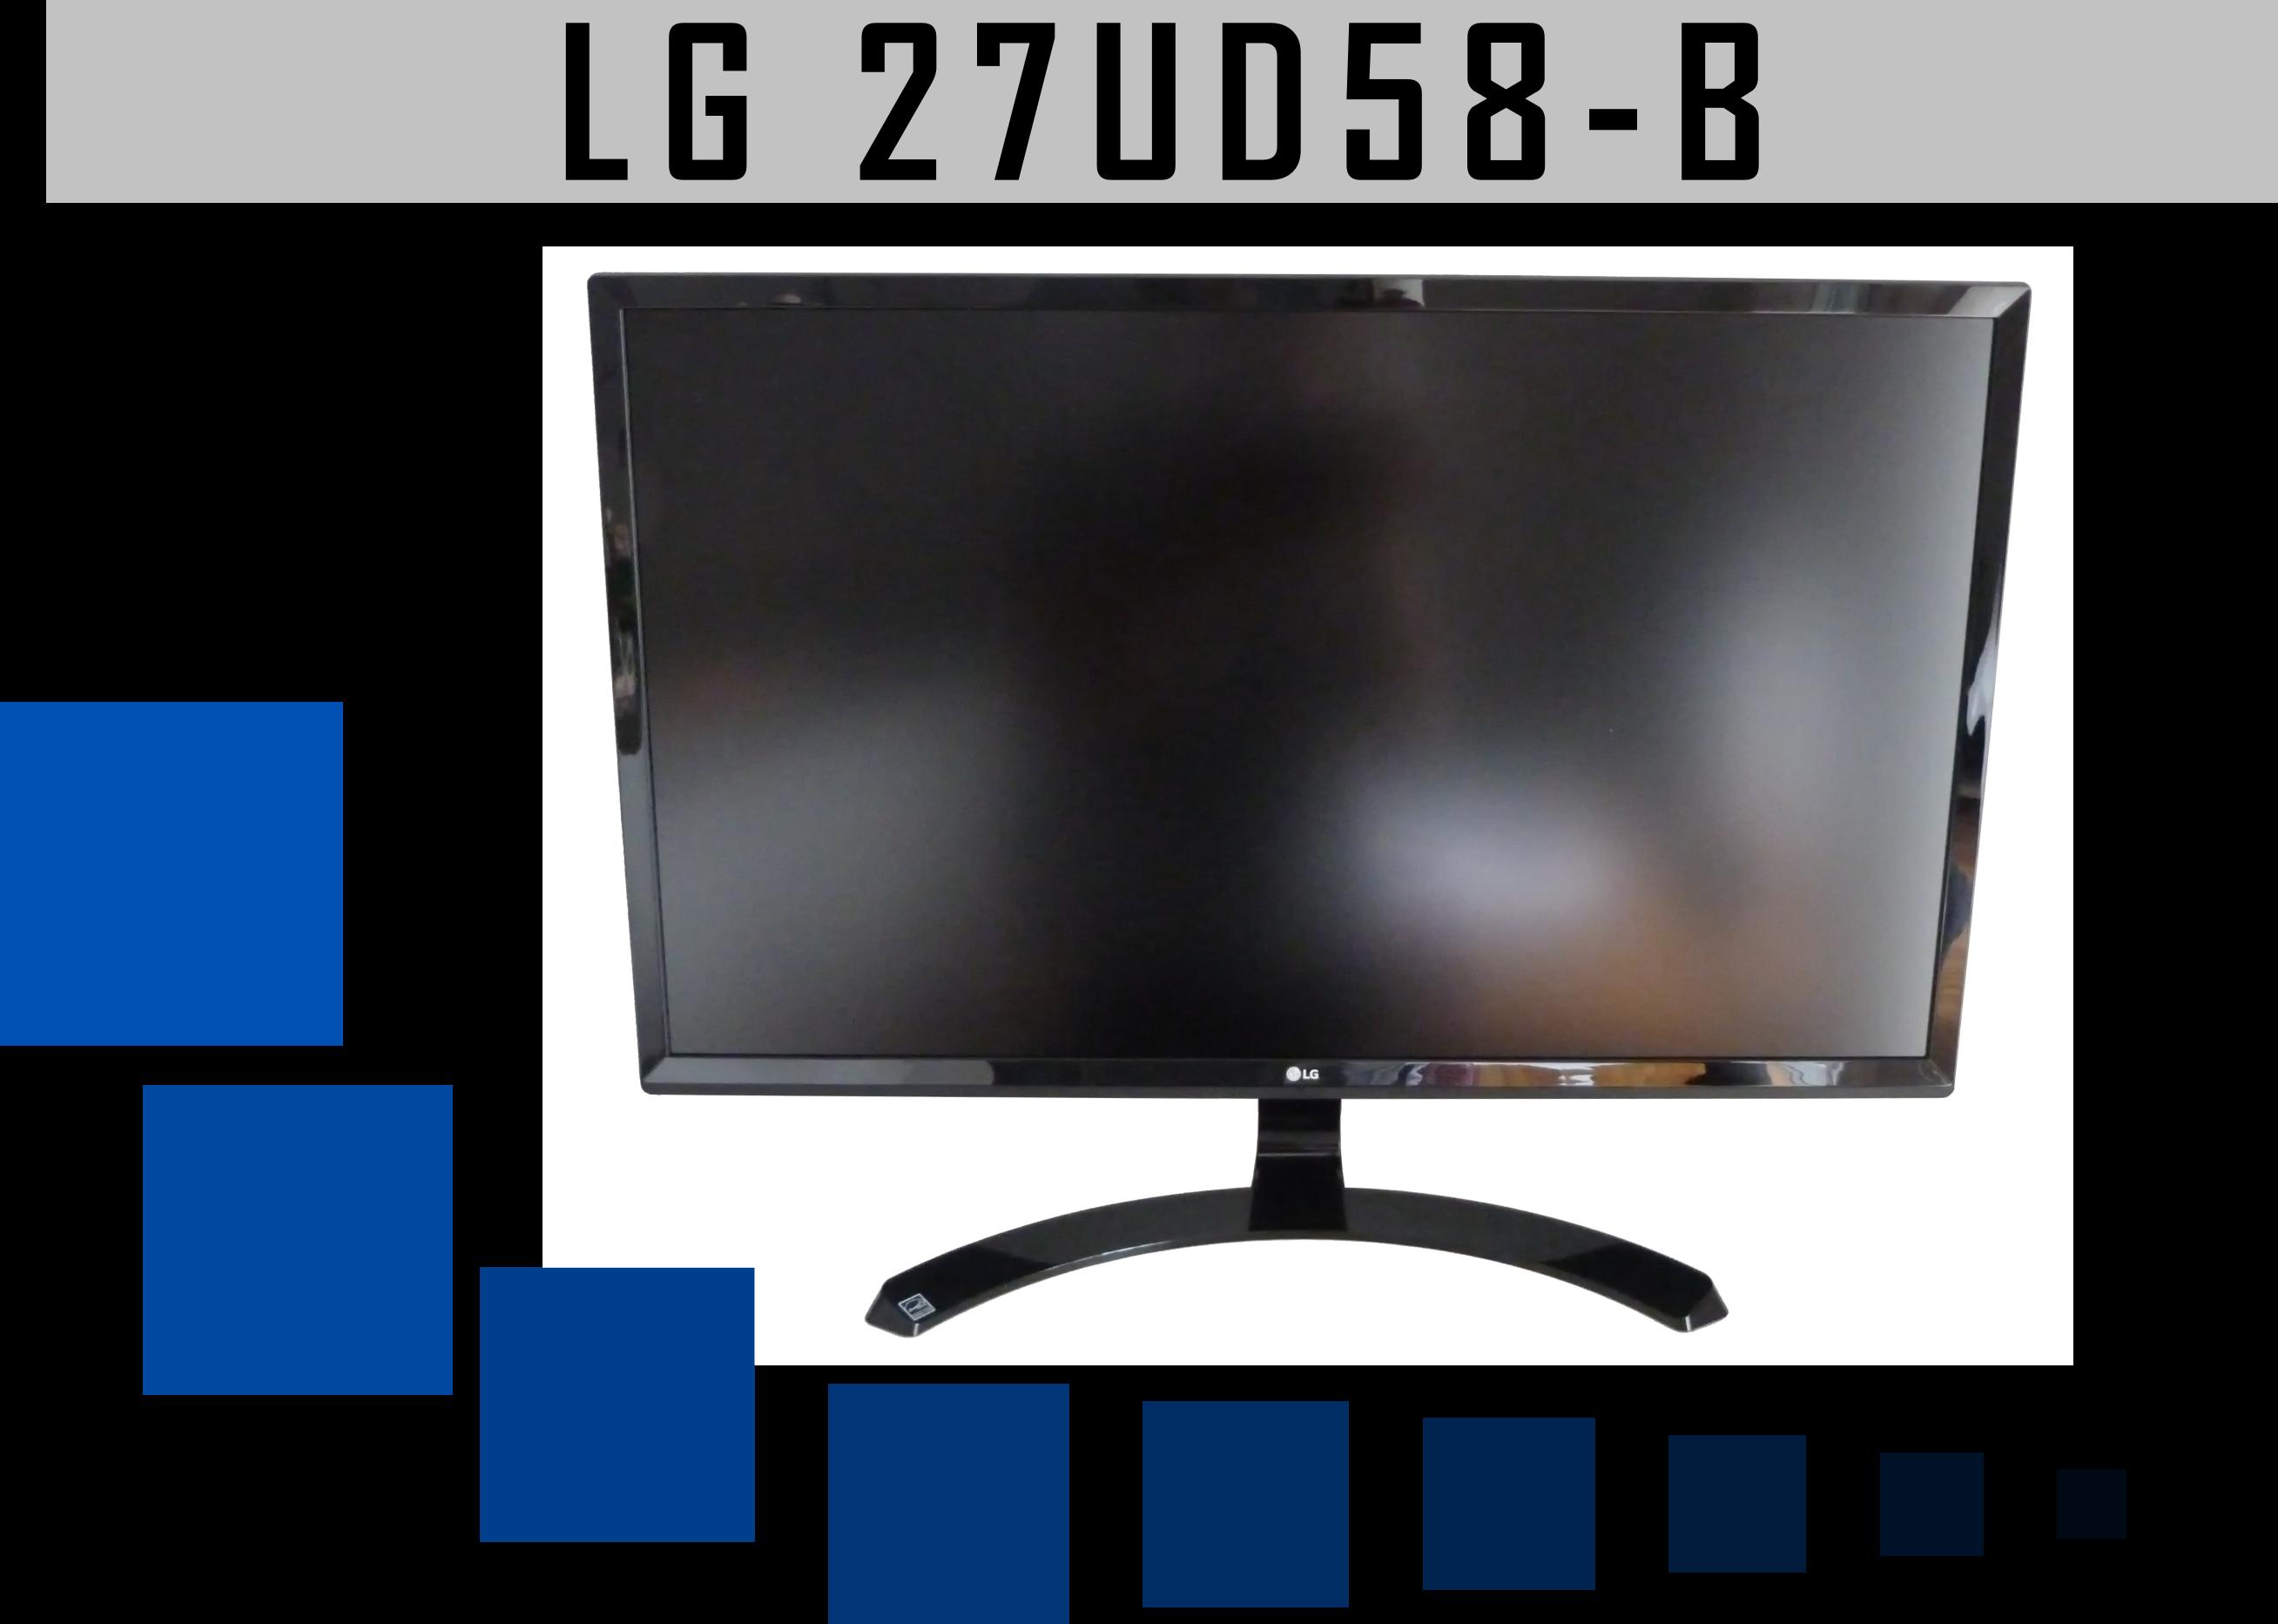 [Lesertest] LG 27UD58-B 4k Monitor - Teaser-teaser_full.png